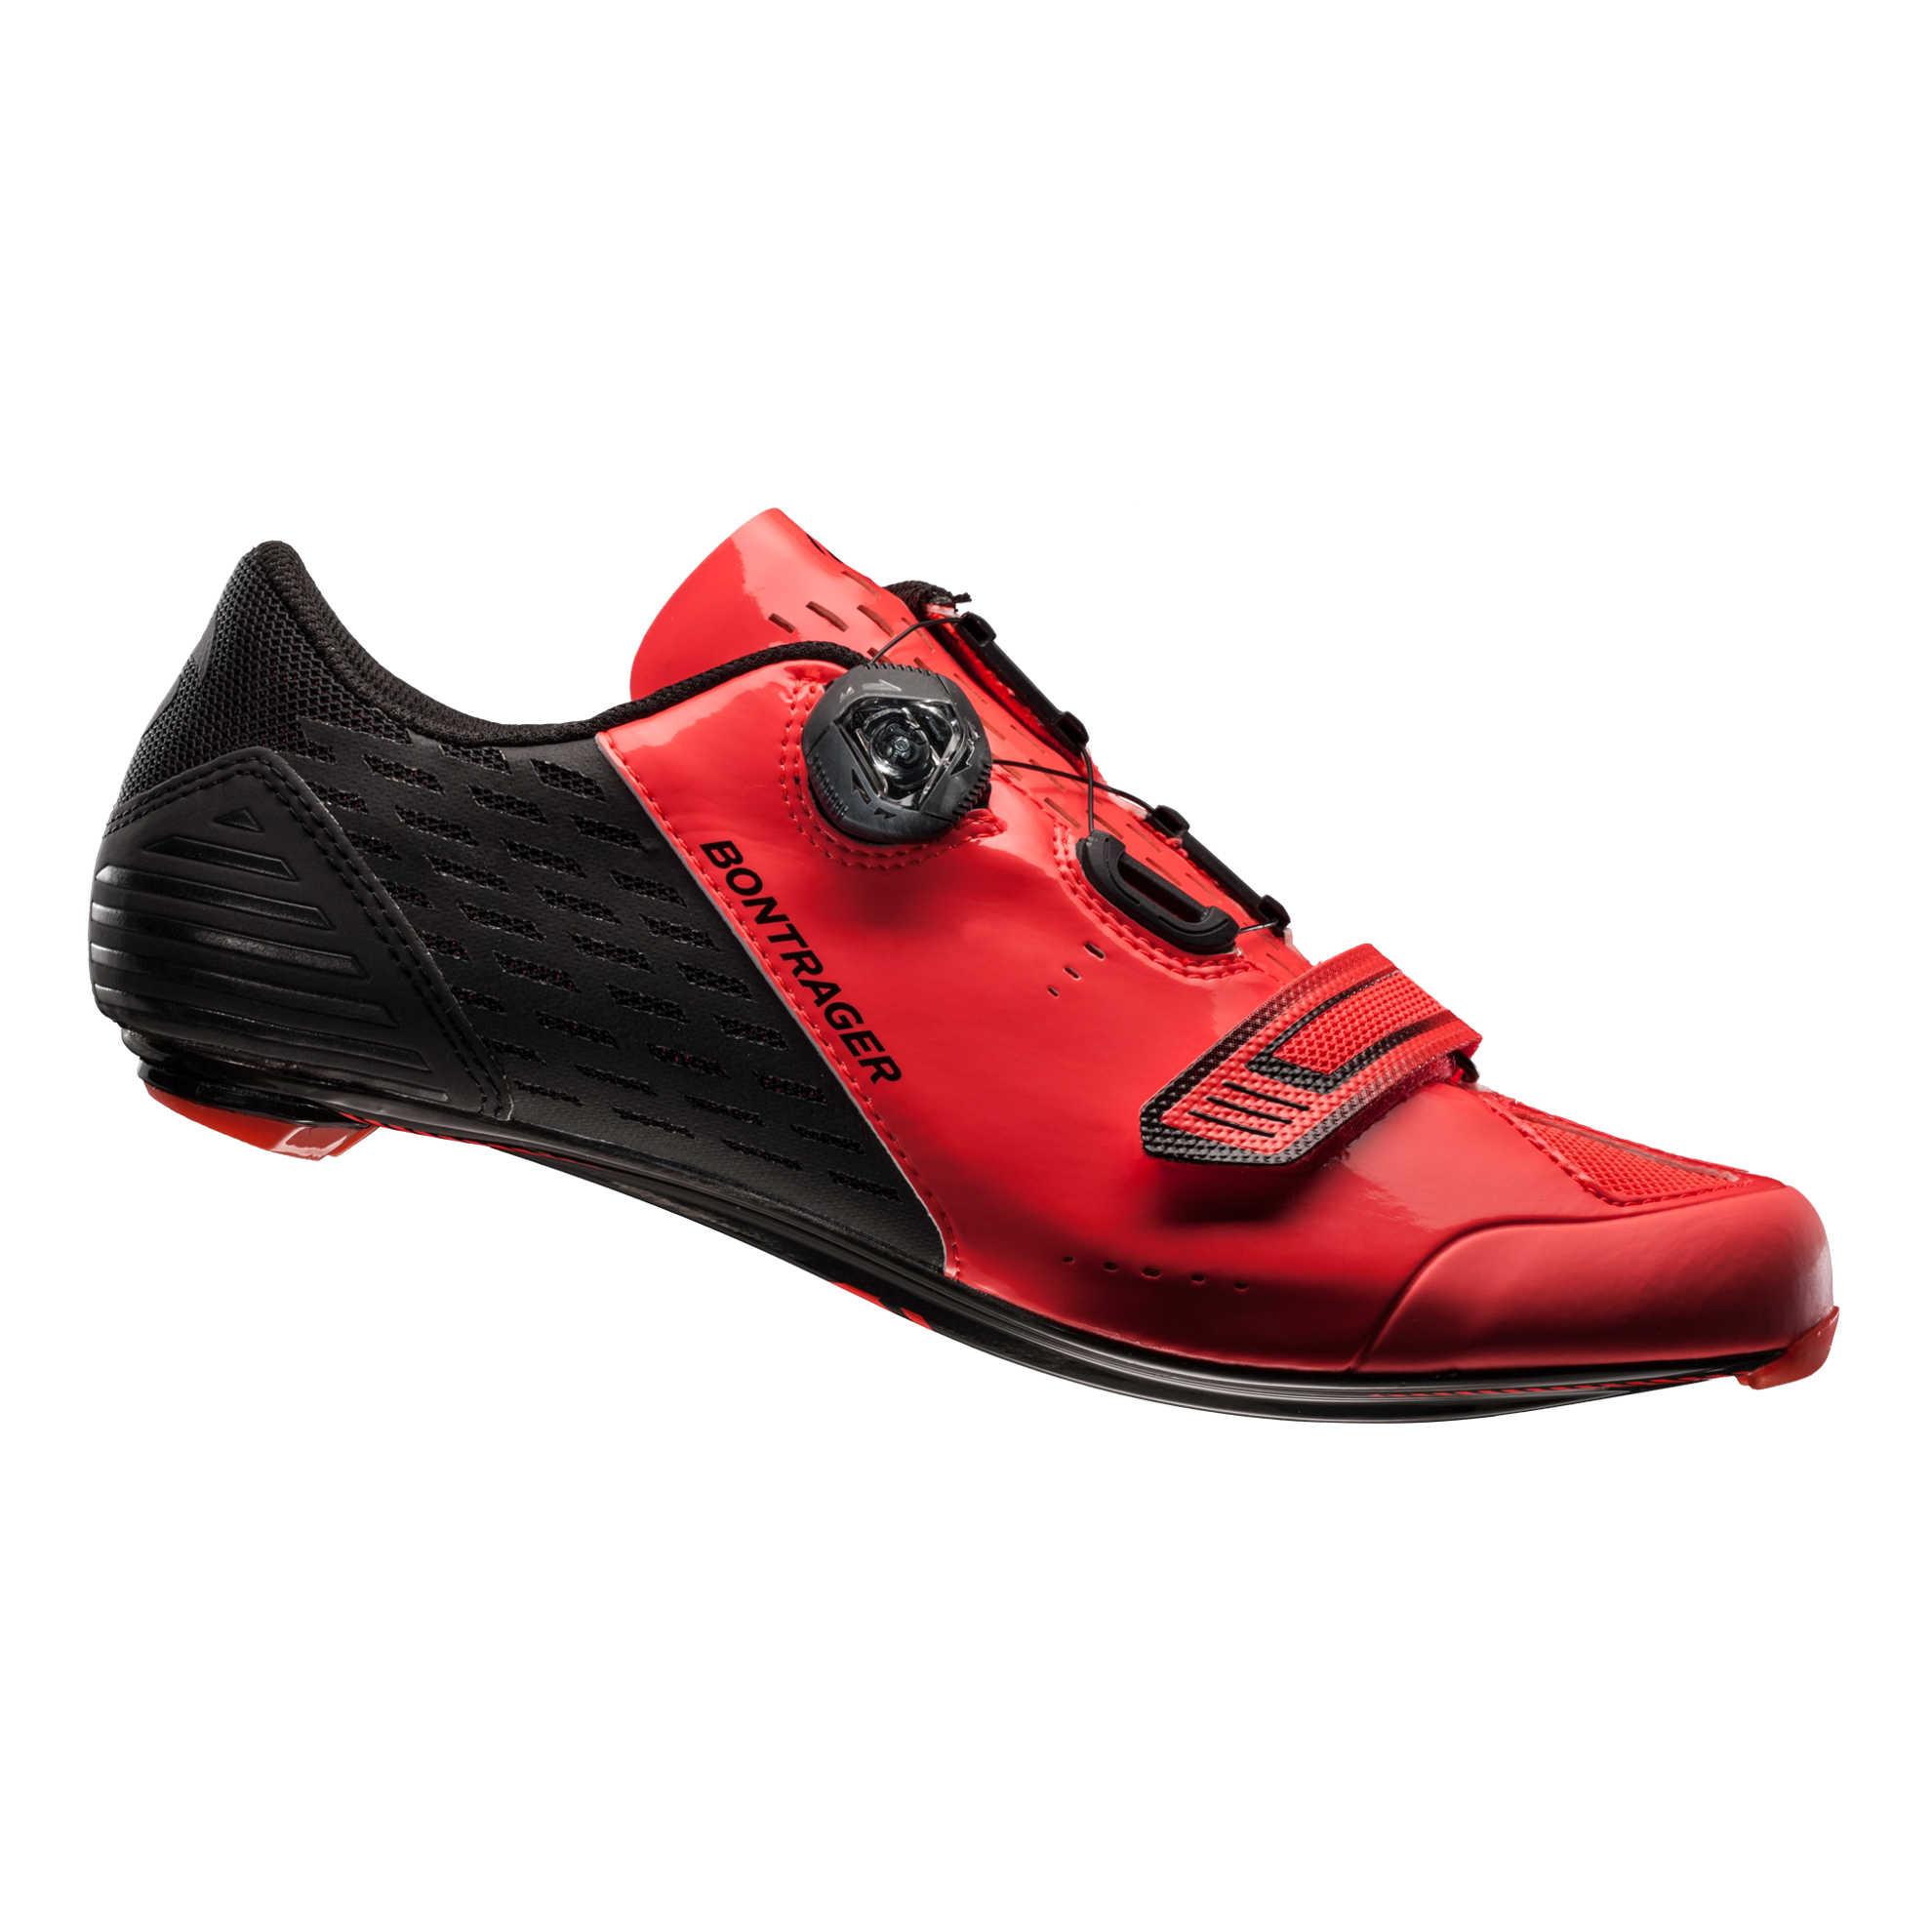 VELOCIS par Bontrager (Accessoires Vélos, Chaussures)VELOCIS par Bontrager (Accessoires Vélos, Chaussures)